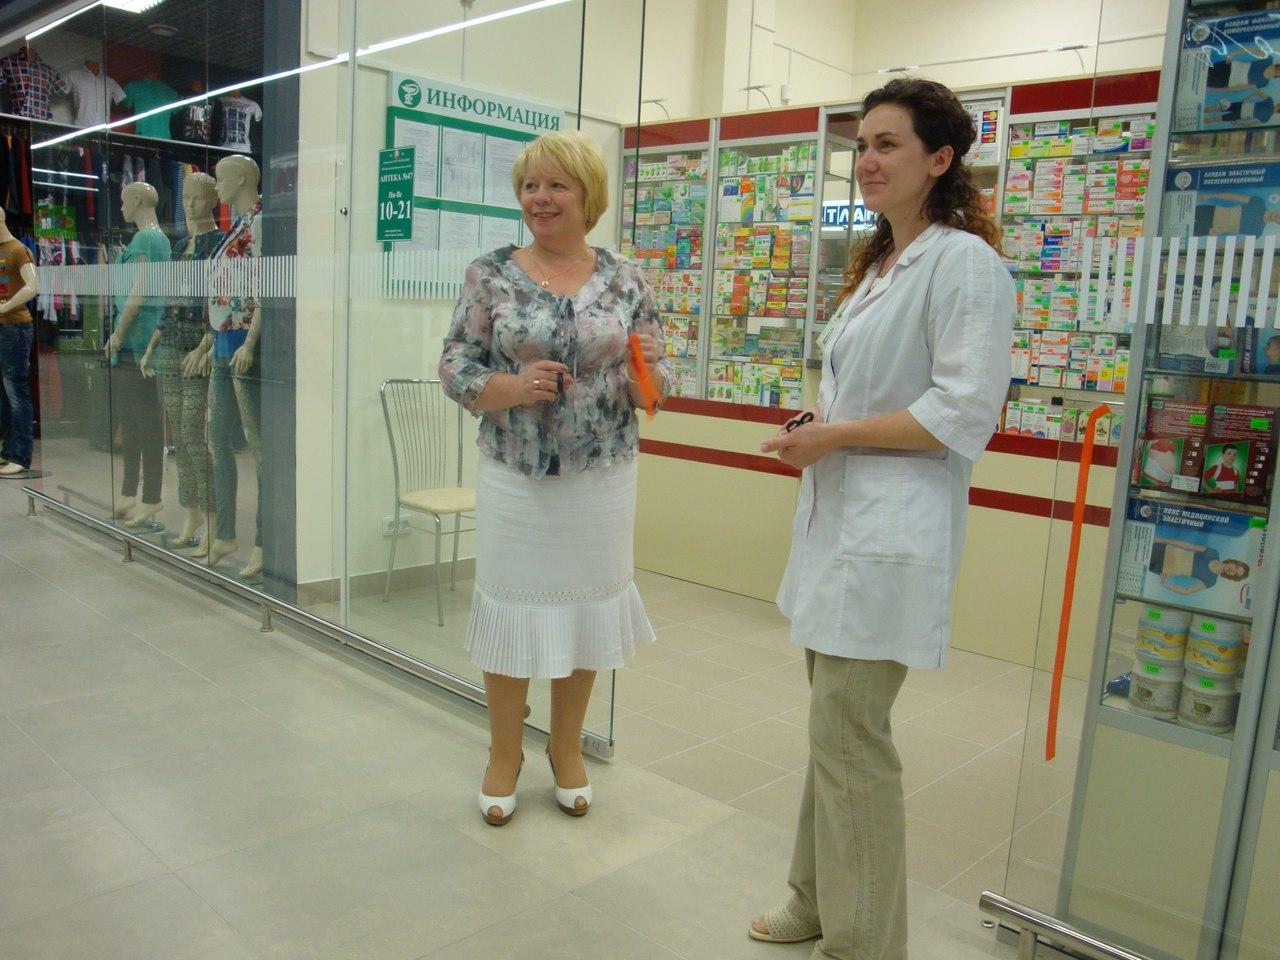 новая аптека в городе лида евроопт фармация